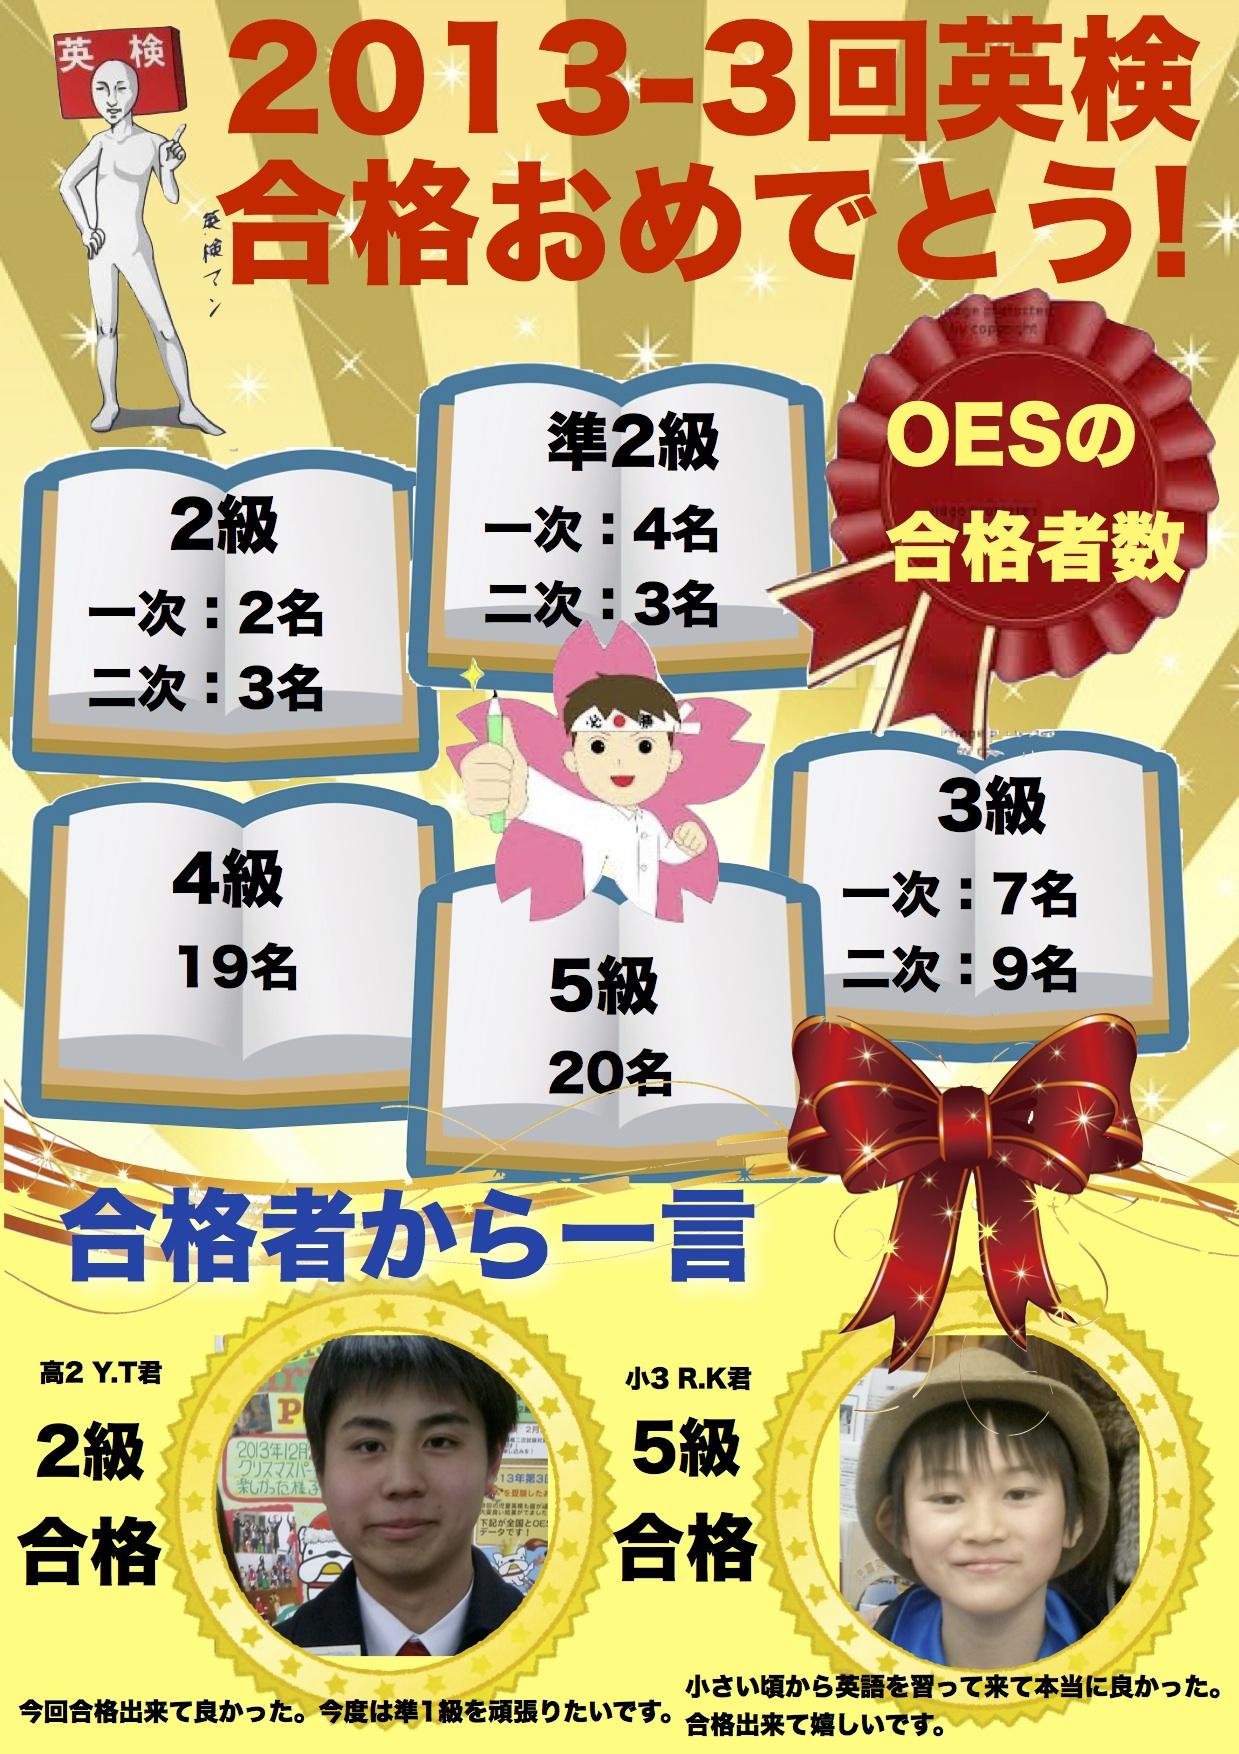 2013-3回英検合格ポスター 20130314